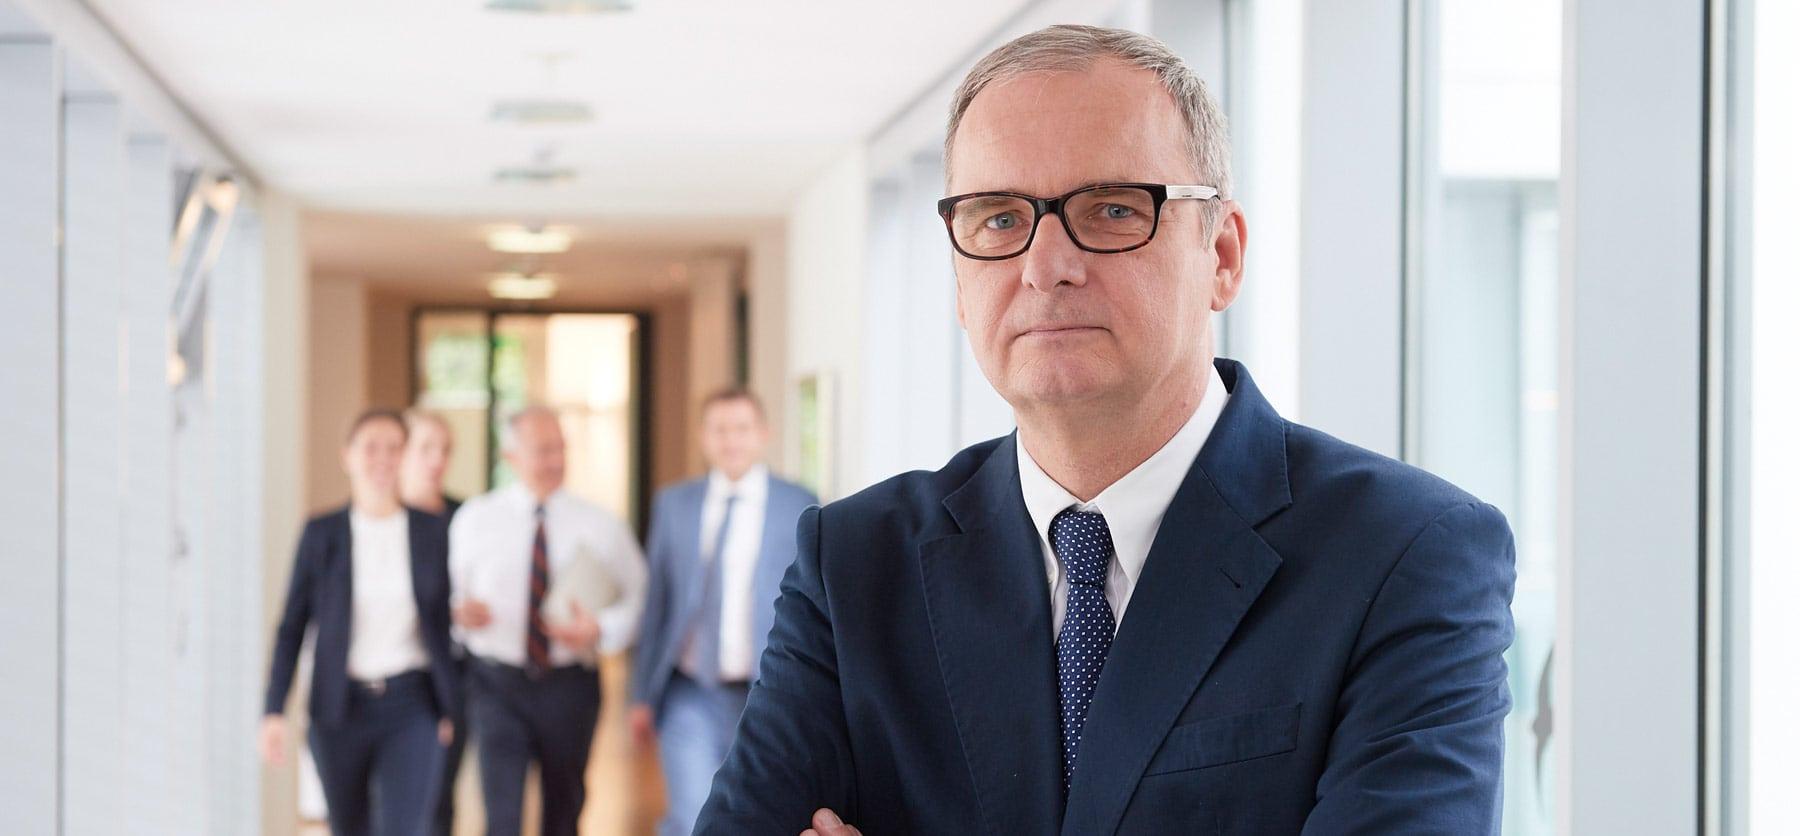 Portrait eines Rechtsanwaltes in seiner Kanzlei